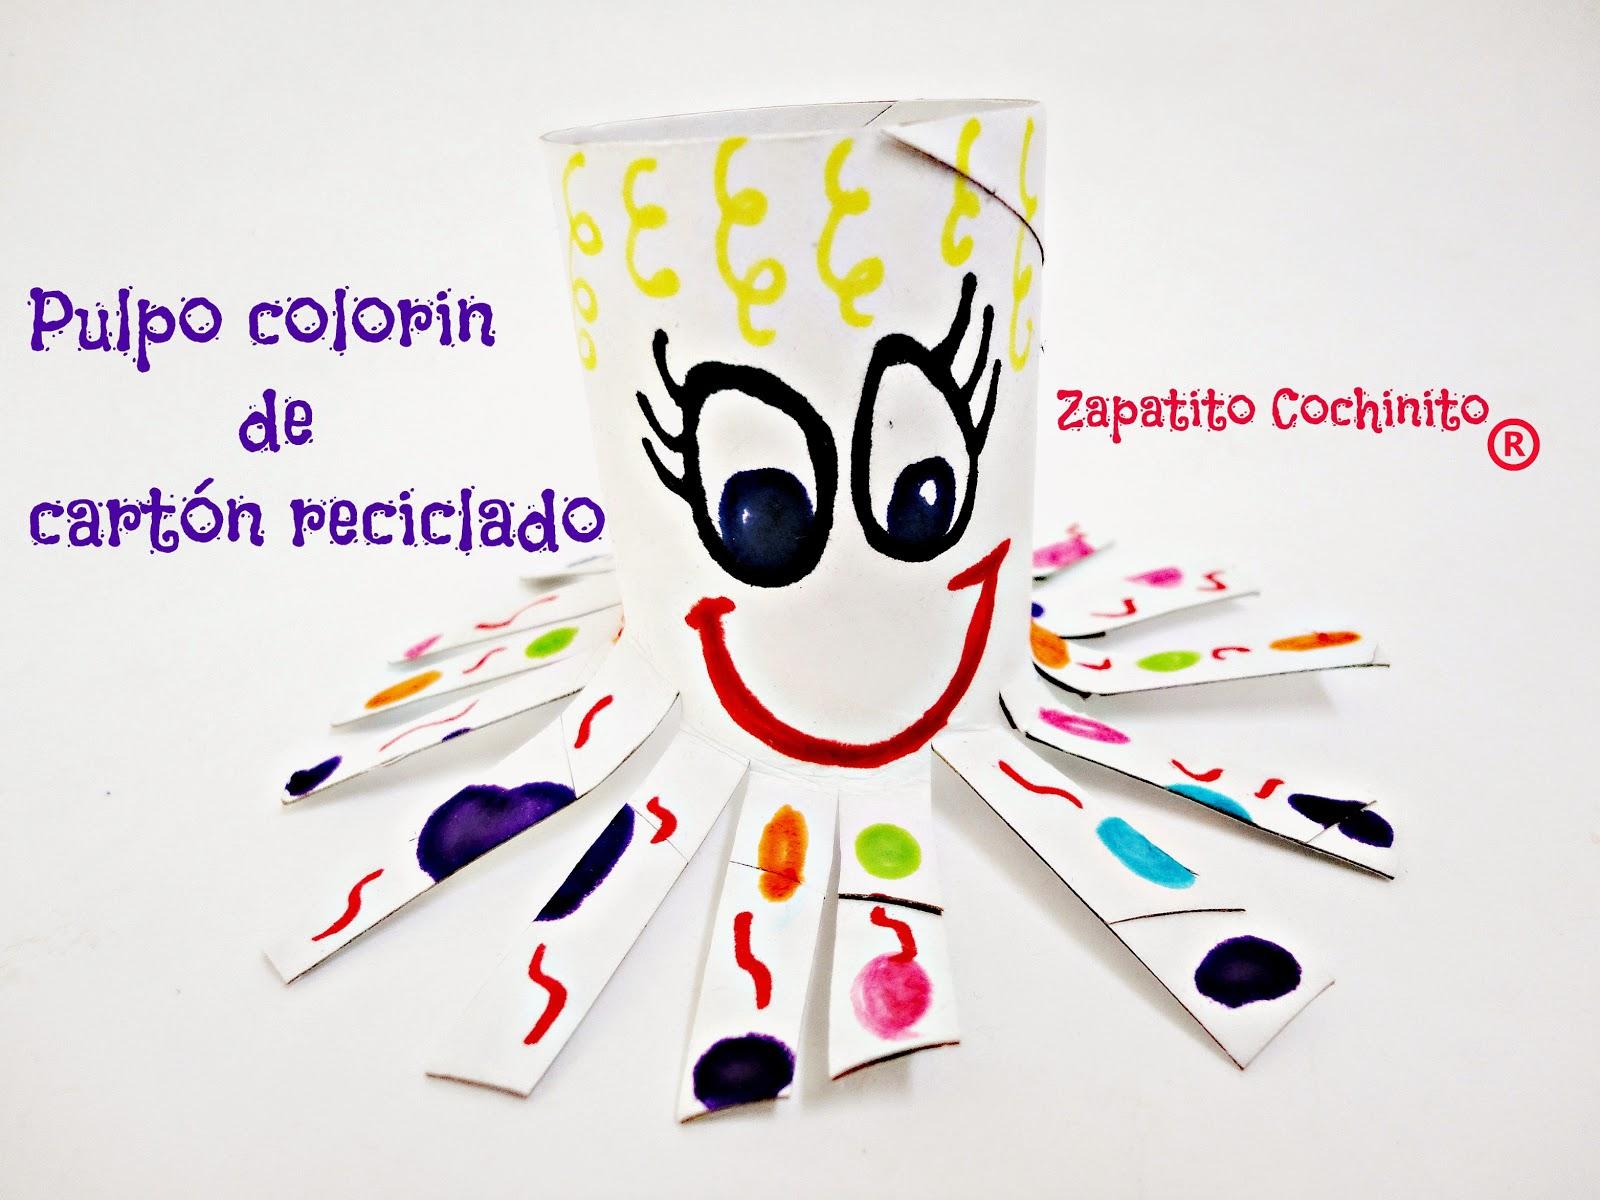 Pulpo colorin con tubo de cartón